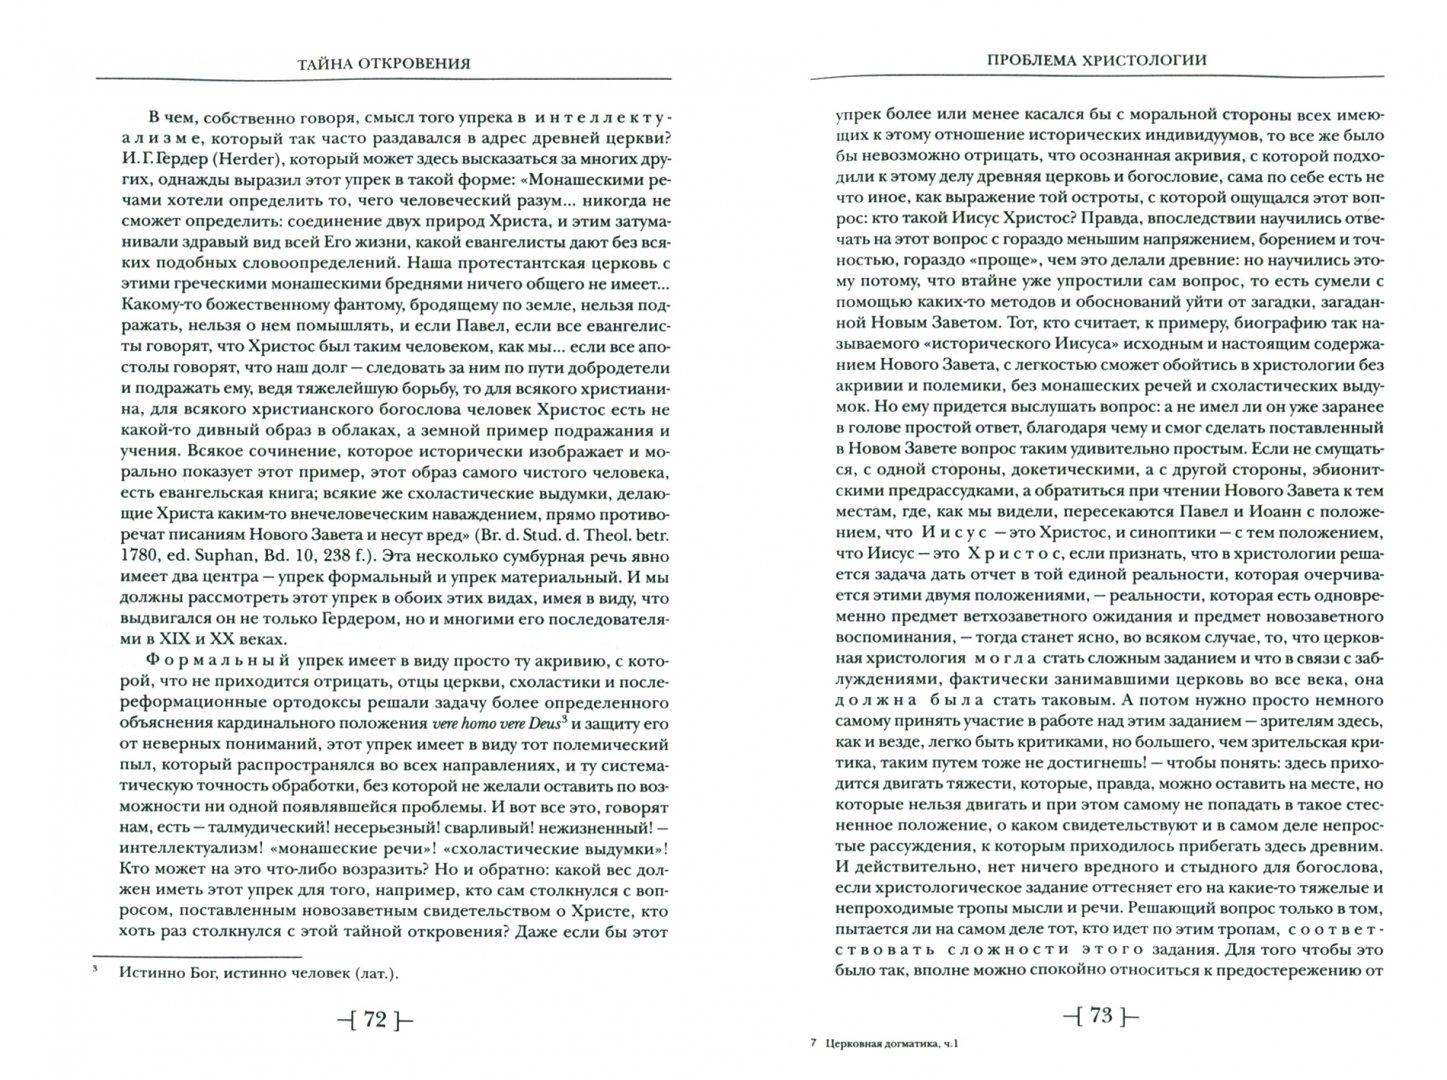 Иллюстрация 1 из 6 для Церковная догматика. Том 1 - Карл Барт | Лабиринт - книги. Источник: Лабиринт